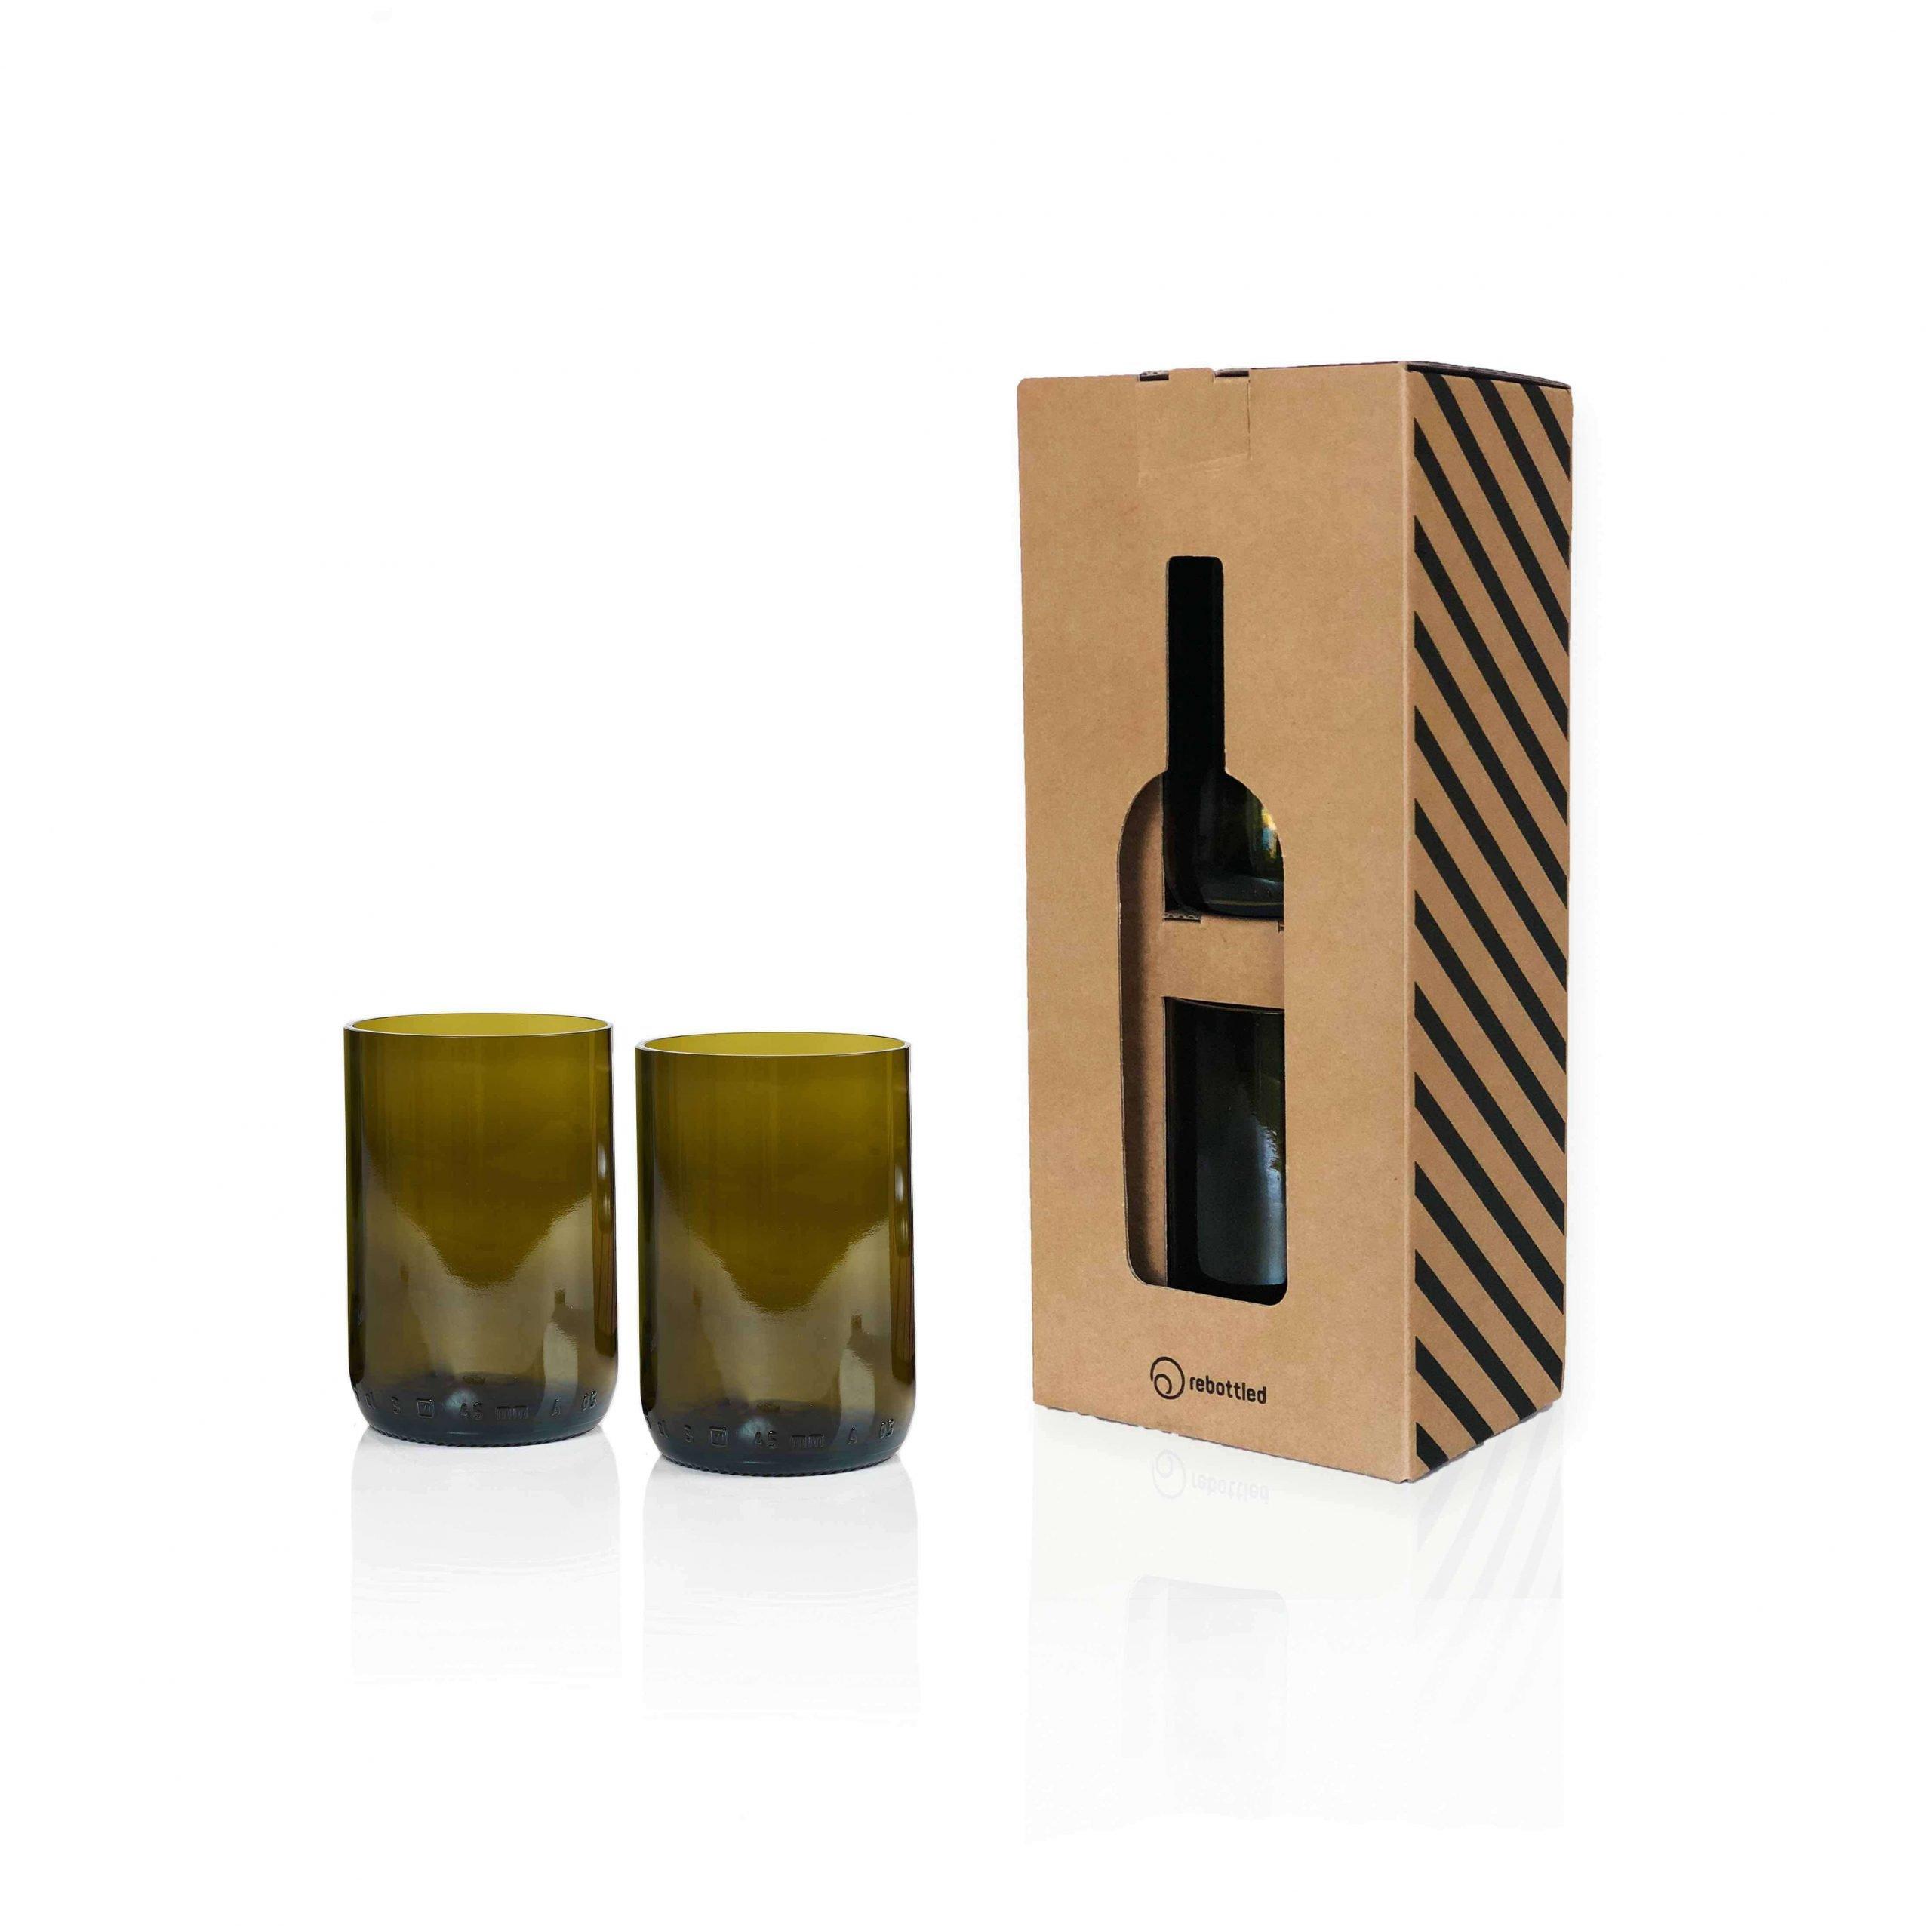 Rebottled 2 glazen helder longdrink duurzaam geschenk Studio Perspective